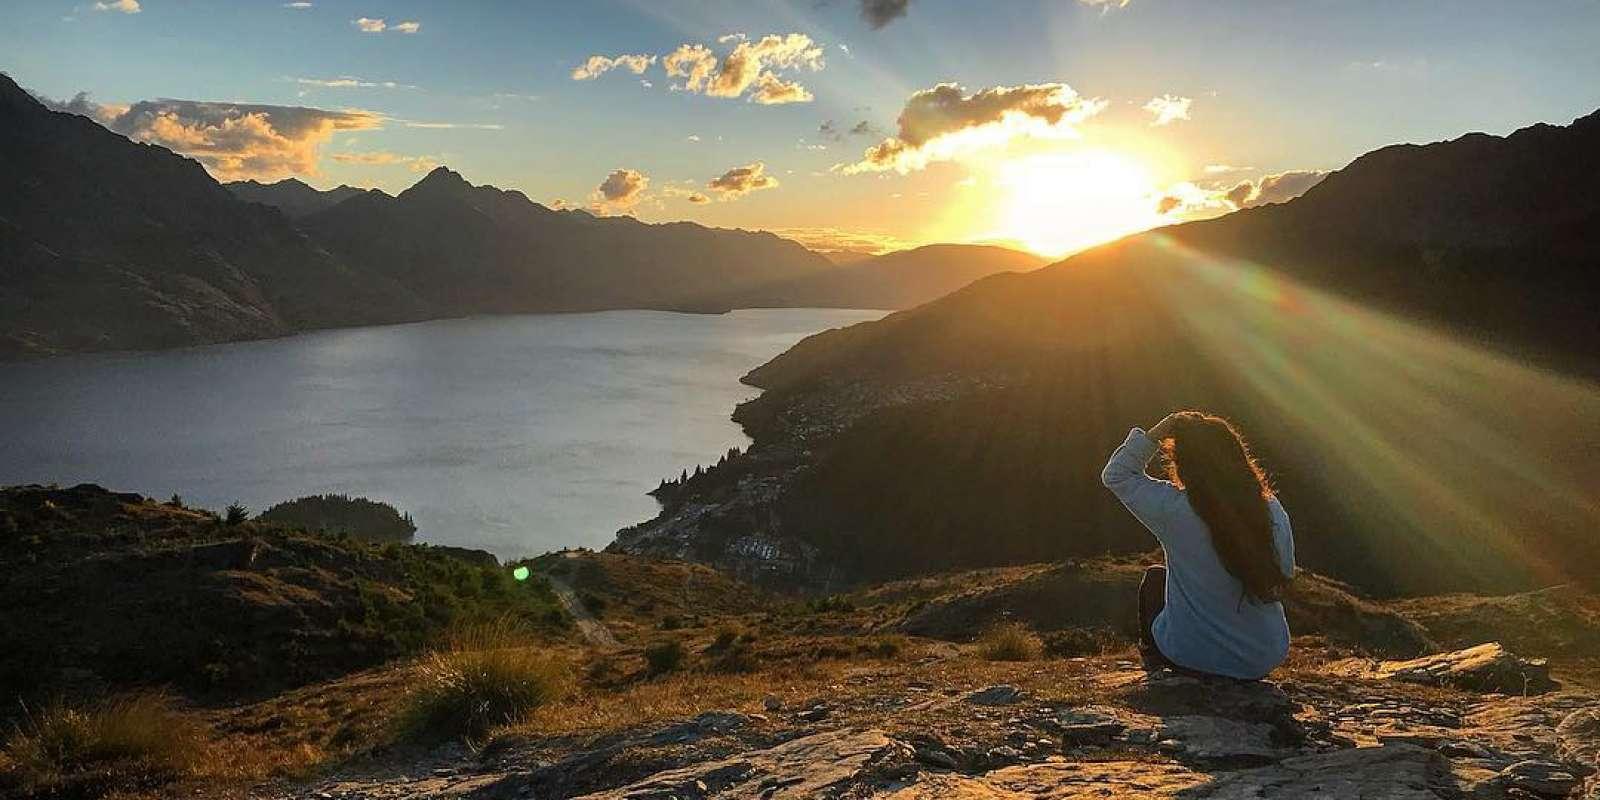 Queenstown Hill sunset overlooking Lake Wakatipu